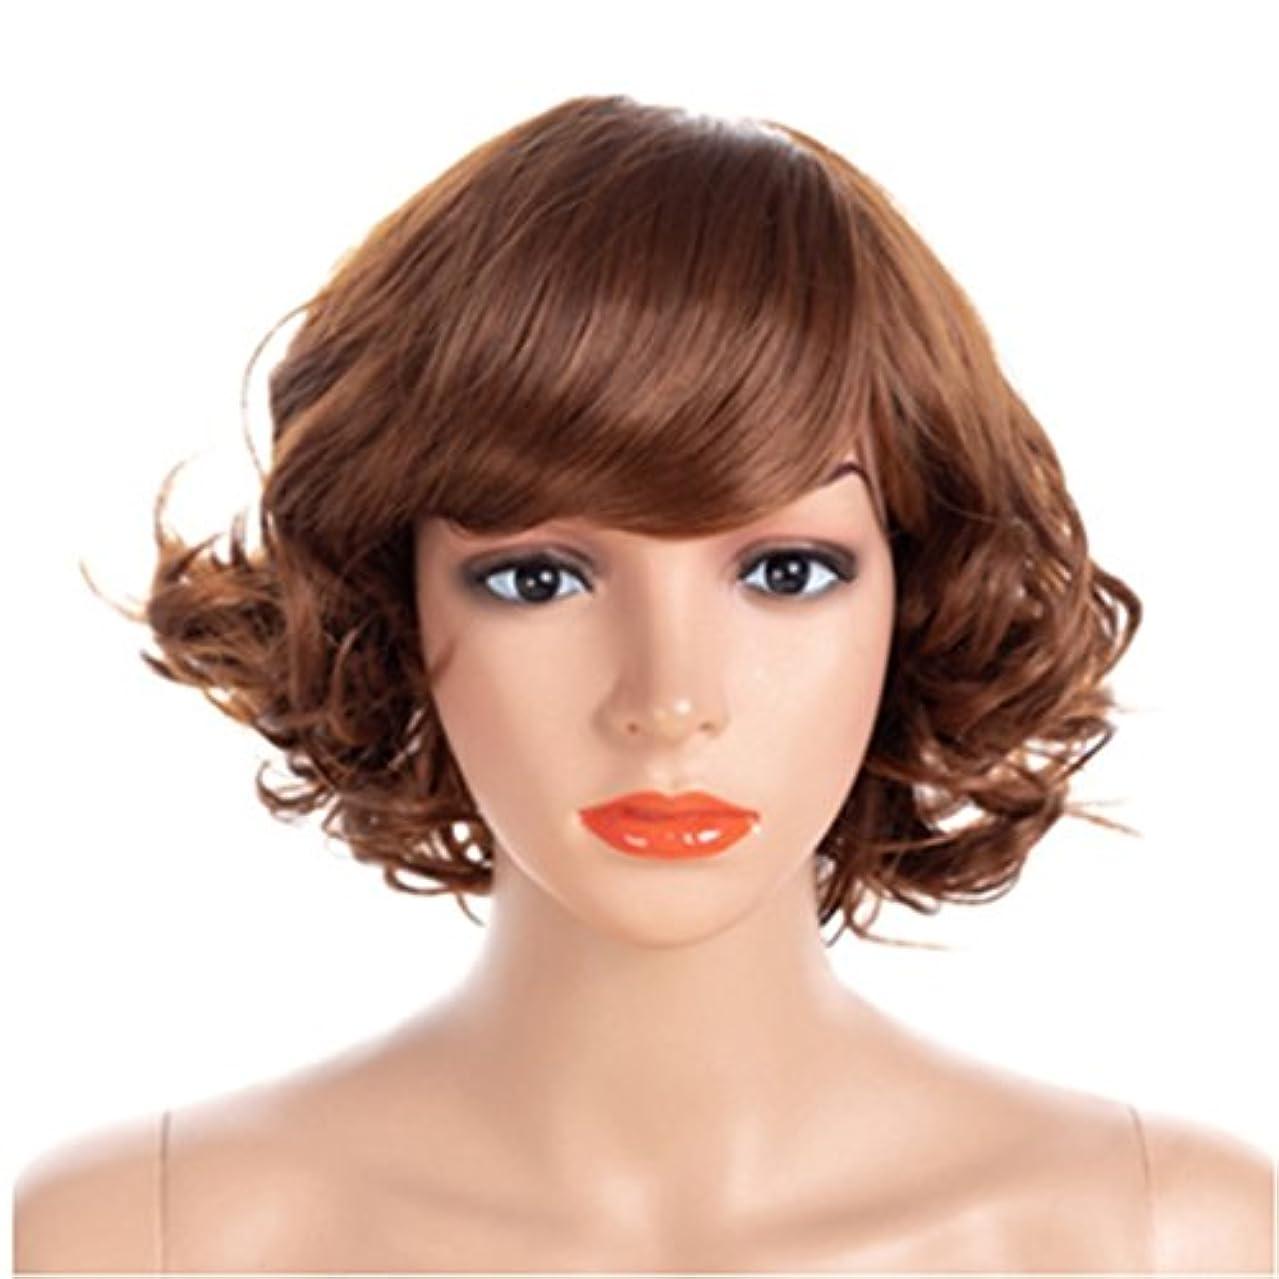 ロッドネックレス右YOUQIU ショートウィッグと調節可能なサイズと前髪の小ロールで40センチメートル女性のかつらは、スラントかつらウィッグことができます (色 : Metallic)